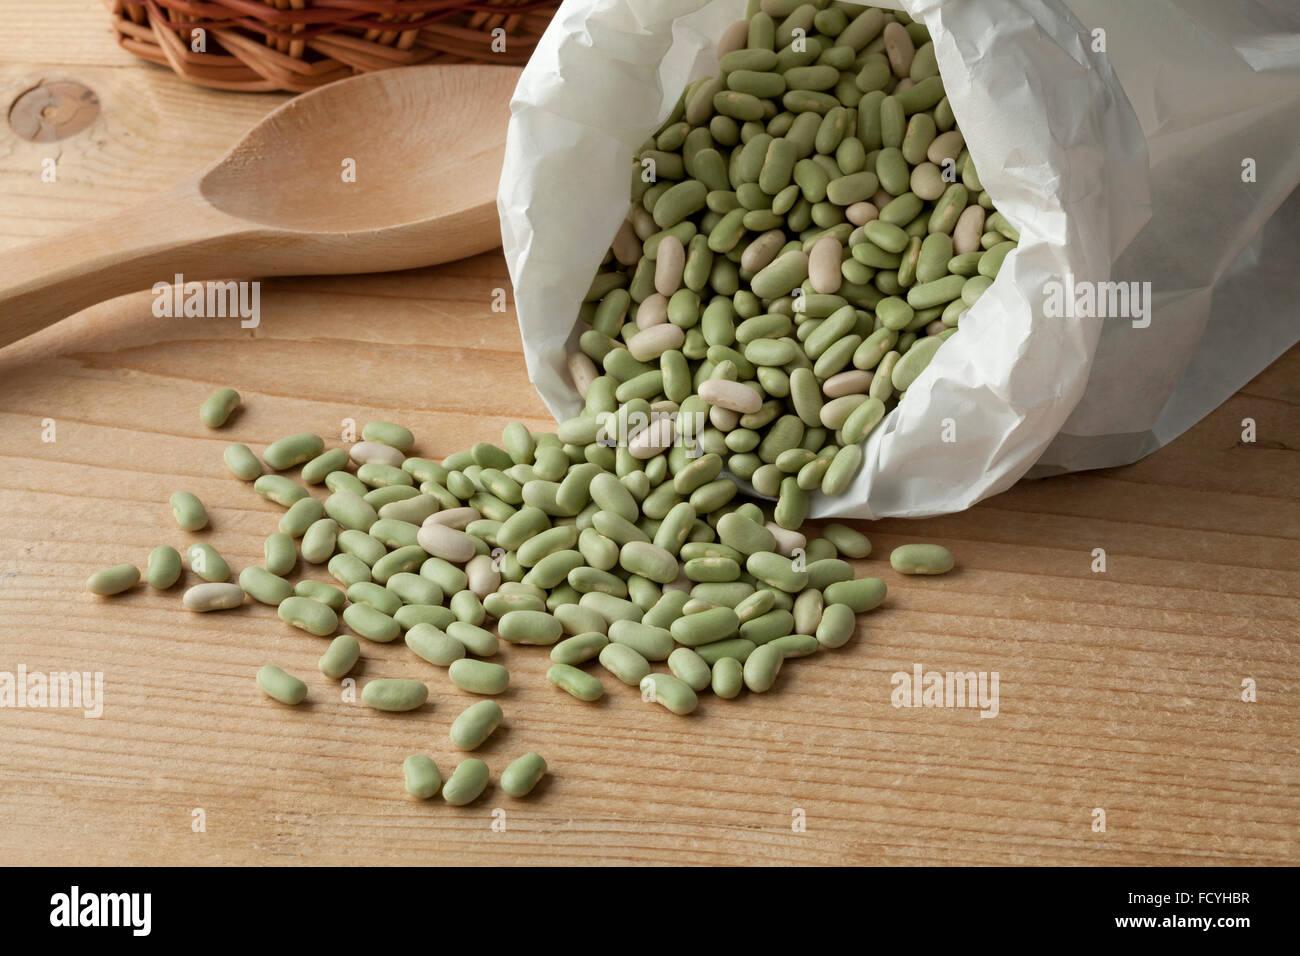 Sac de papier avec des haricots flageolets Français Photo Stock